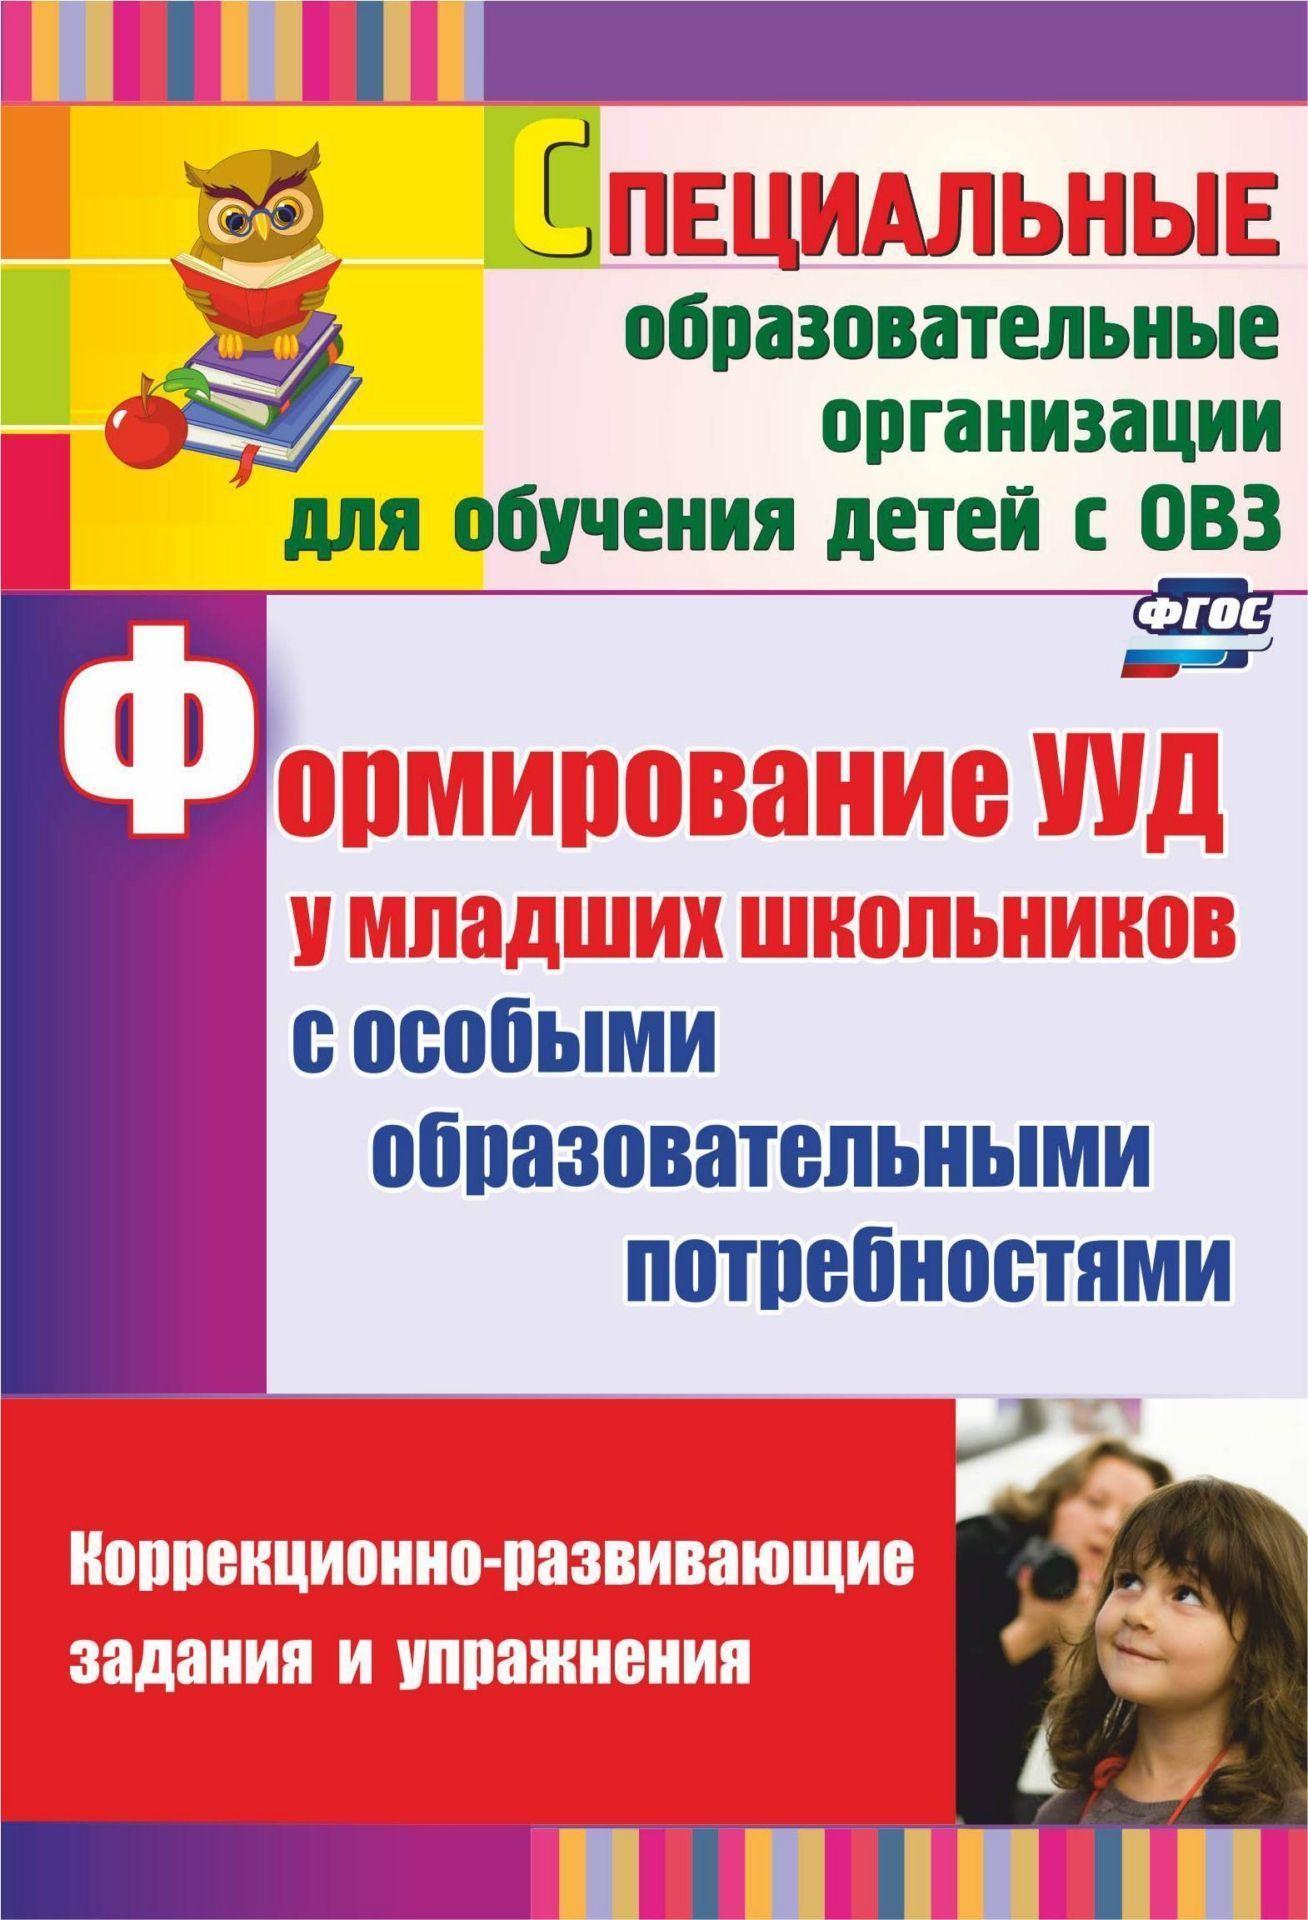 Формирование УУД у младших школьников с особыми образовательными потребностями: коррекционно-развивающие задания, упражнения